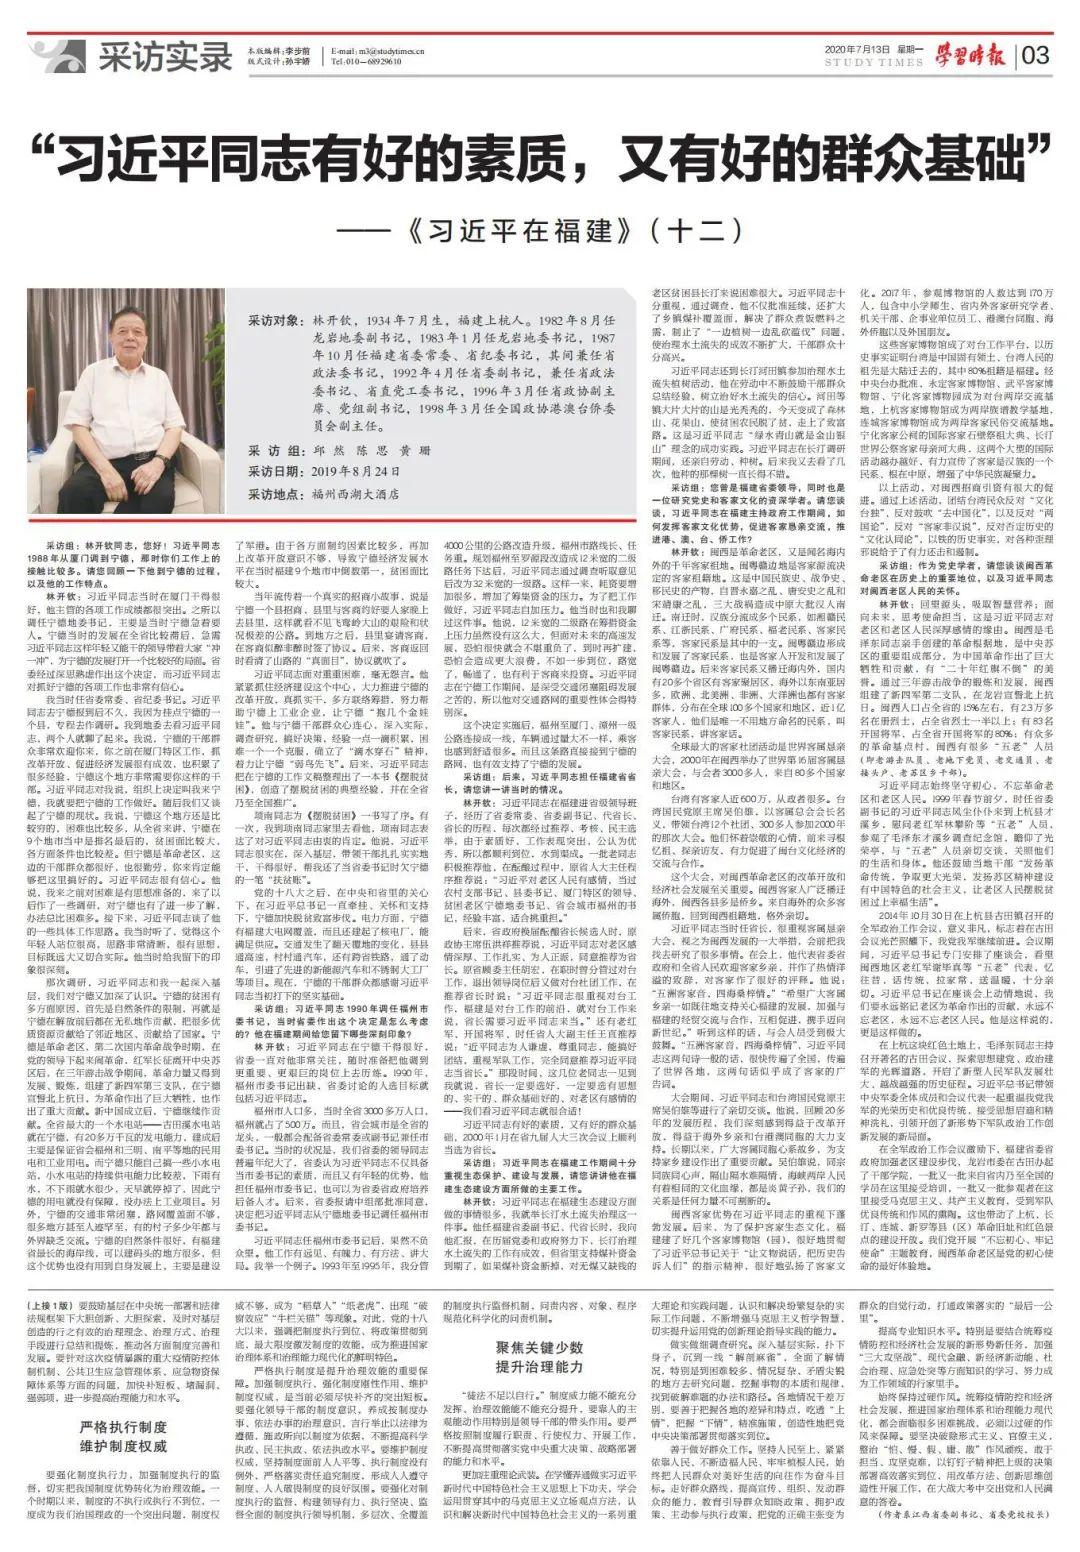 学习时报刊发《习近平在福建(十